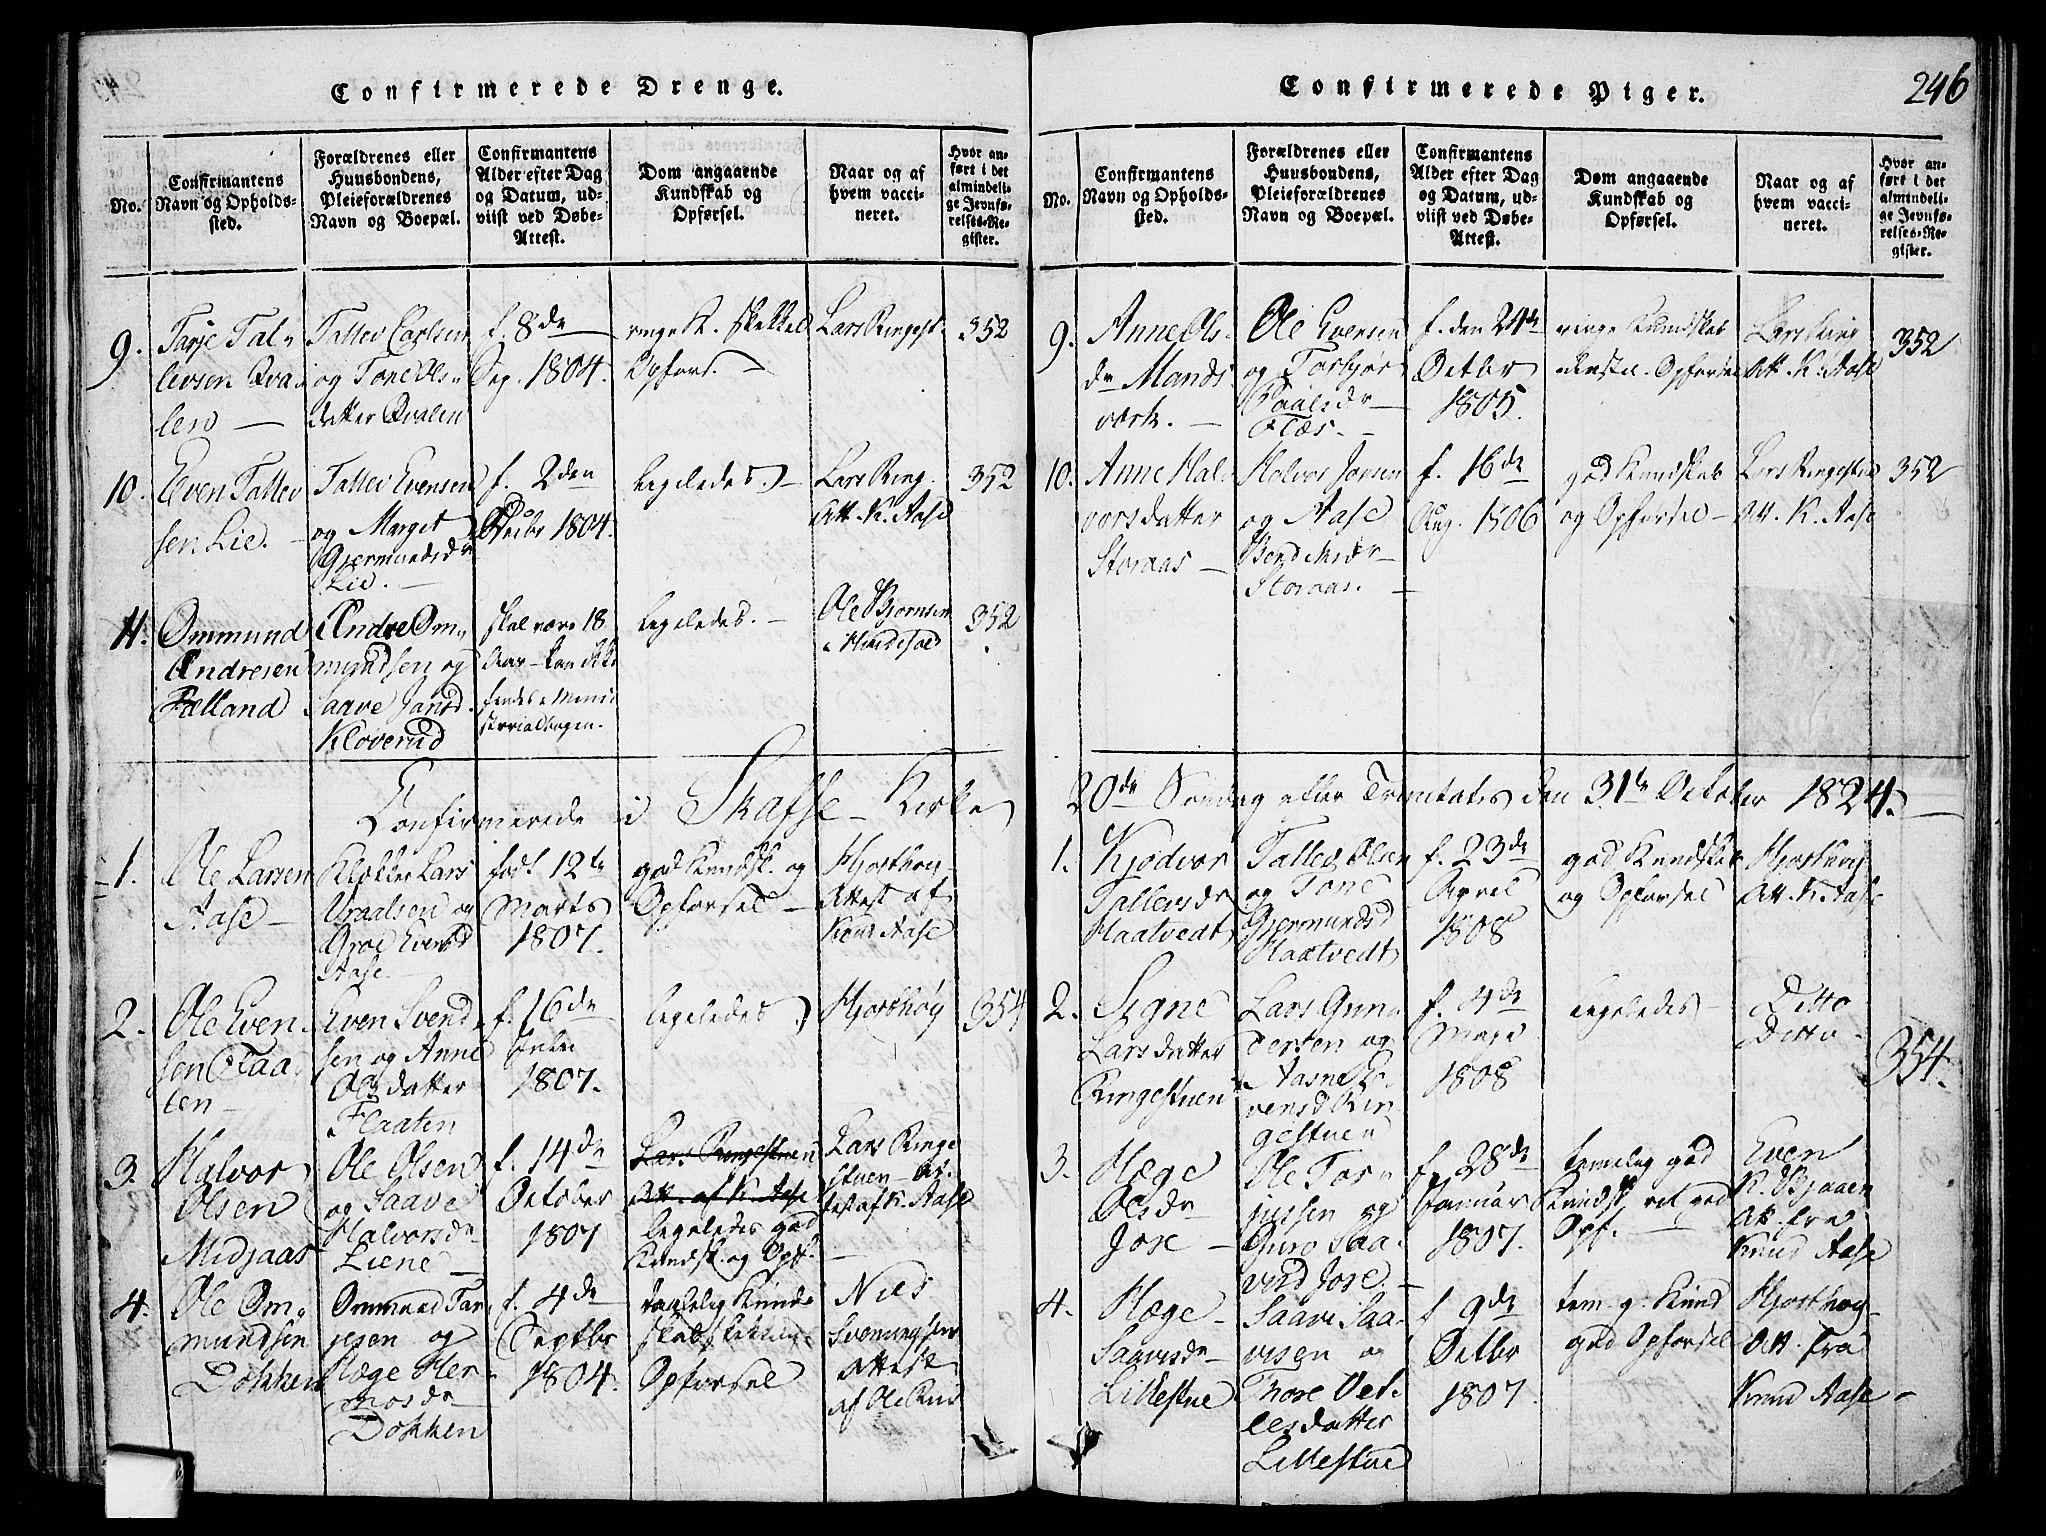 SAKO, Mo kirkebøker, F/Fa/L0004: Ministerialbok nr. I 4, 1814-1844, s. 246